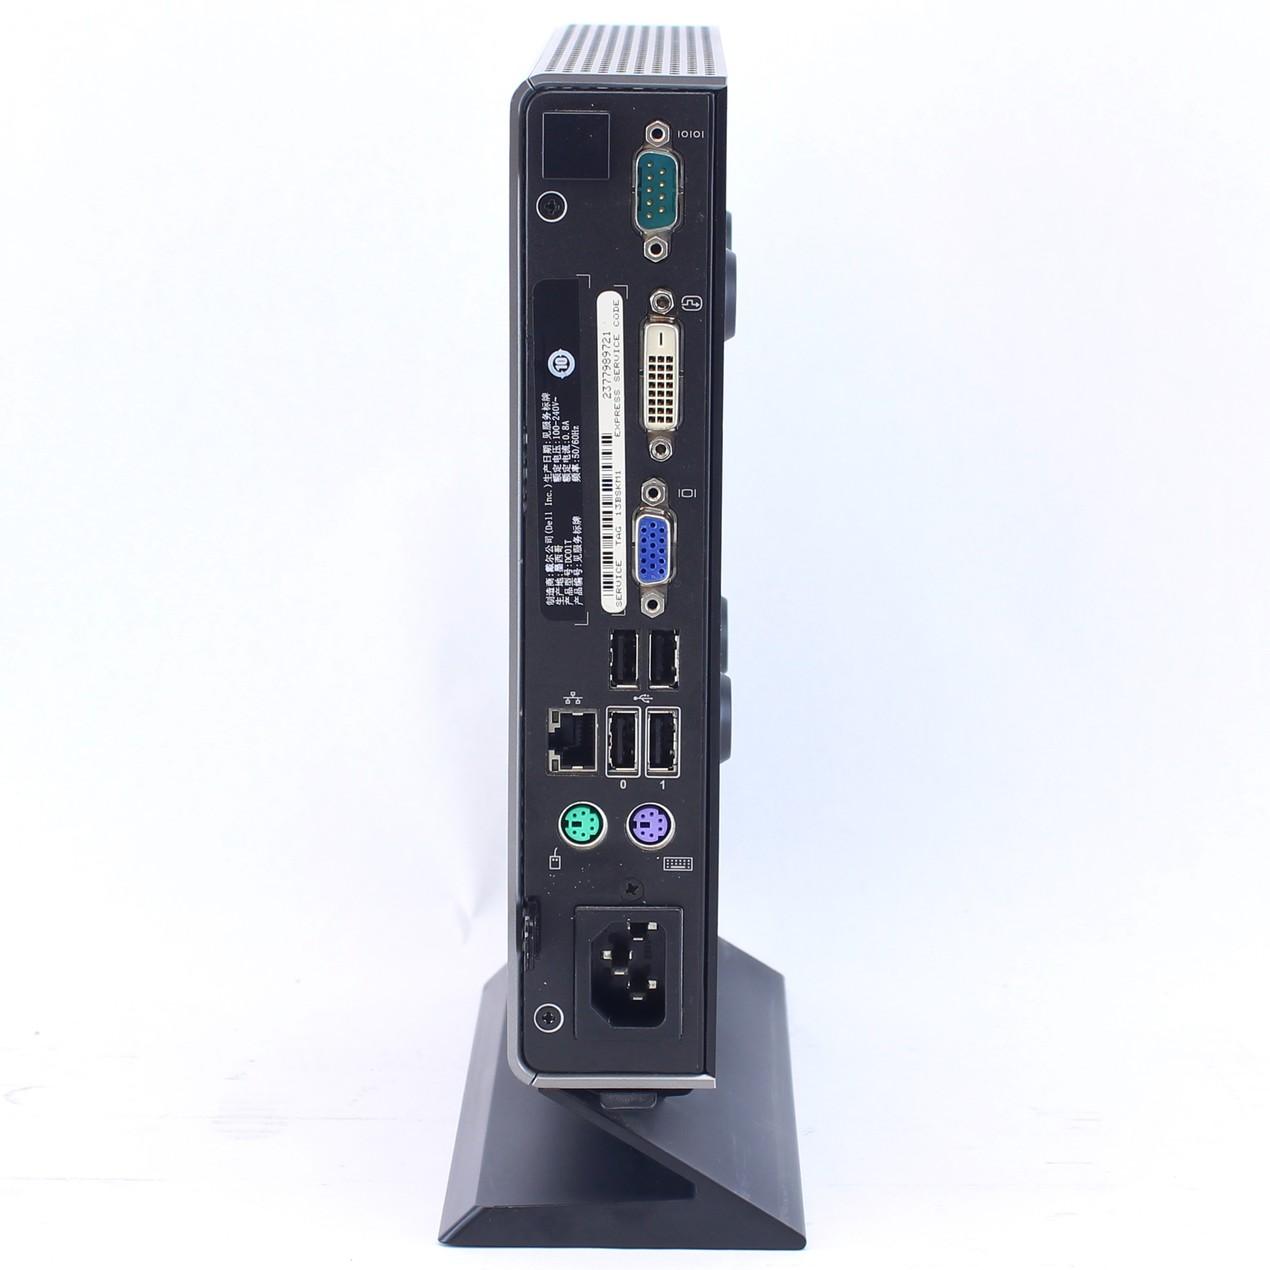 Dell Optiplex 160 Tiny Desktop, 4GB RAM, 160GB HDD, Win 10